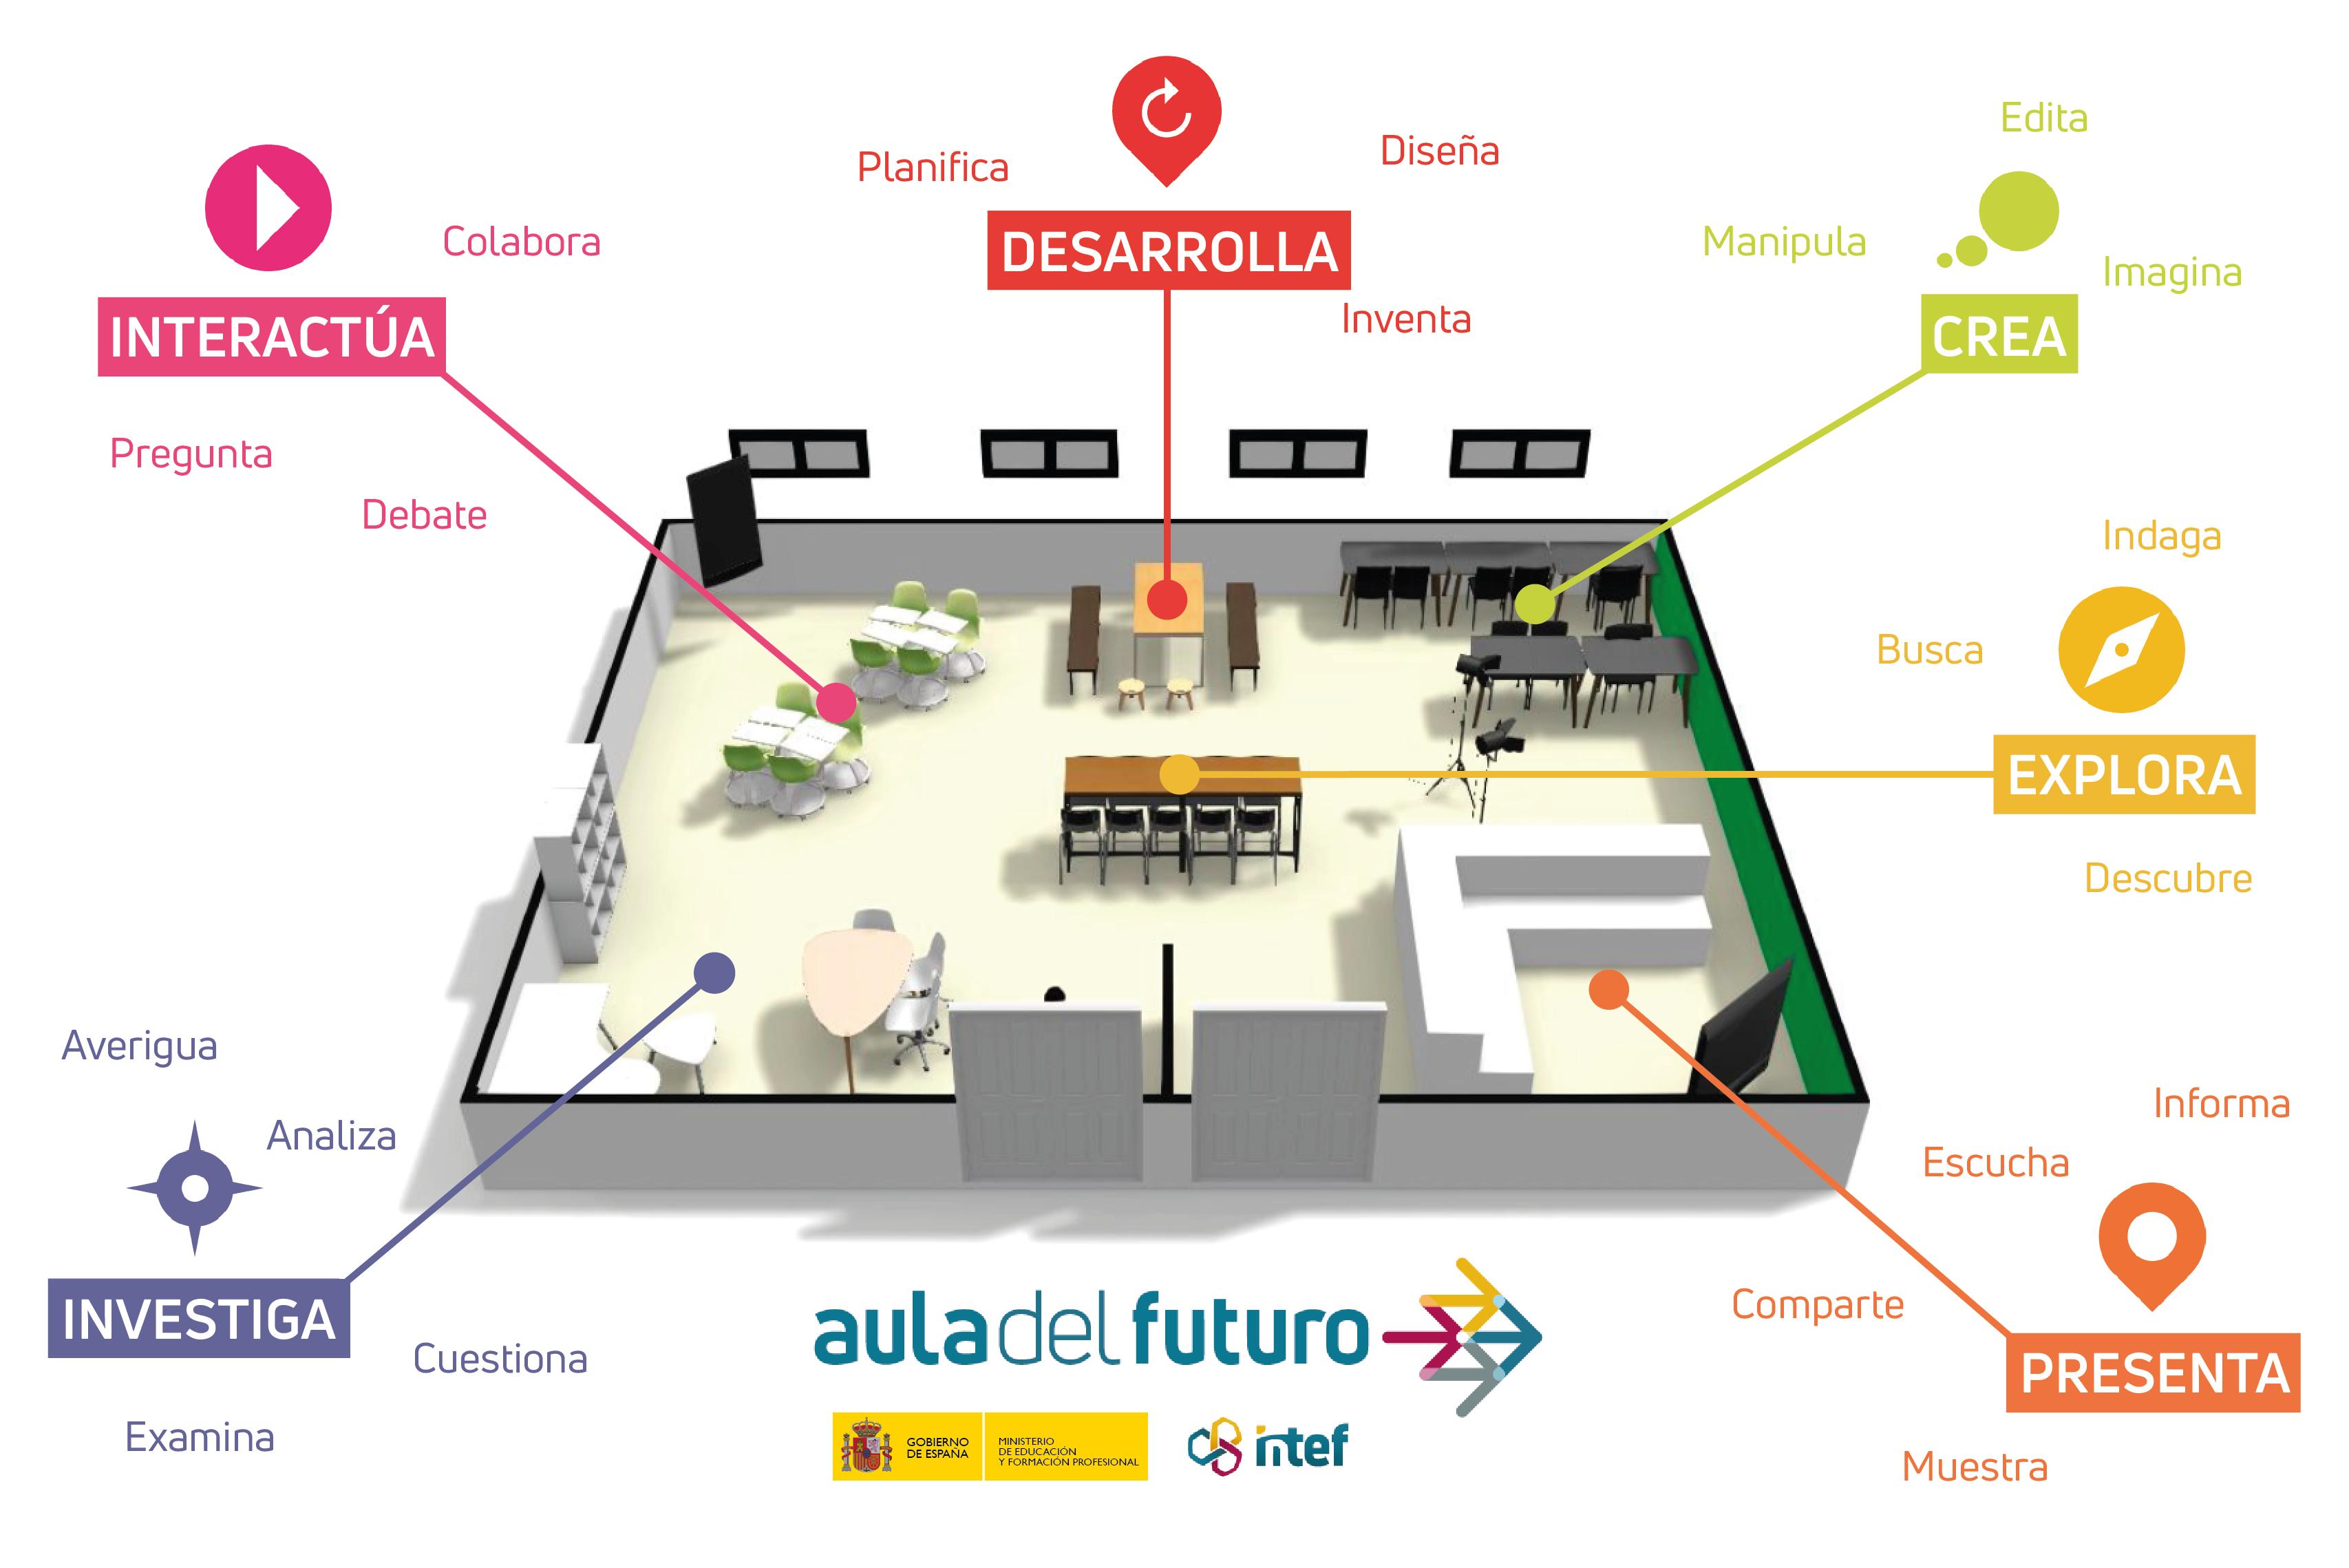 Imagen del Aula del Futuro con zonas